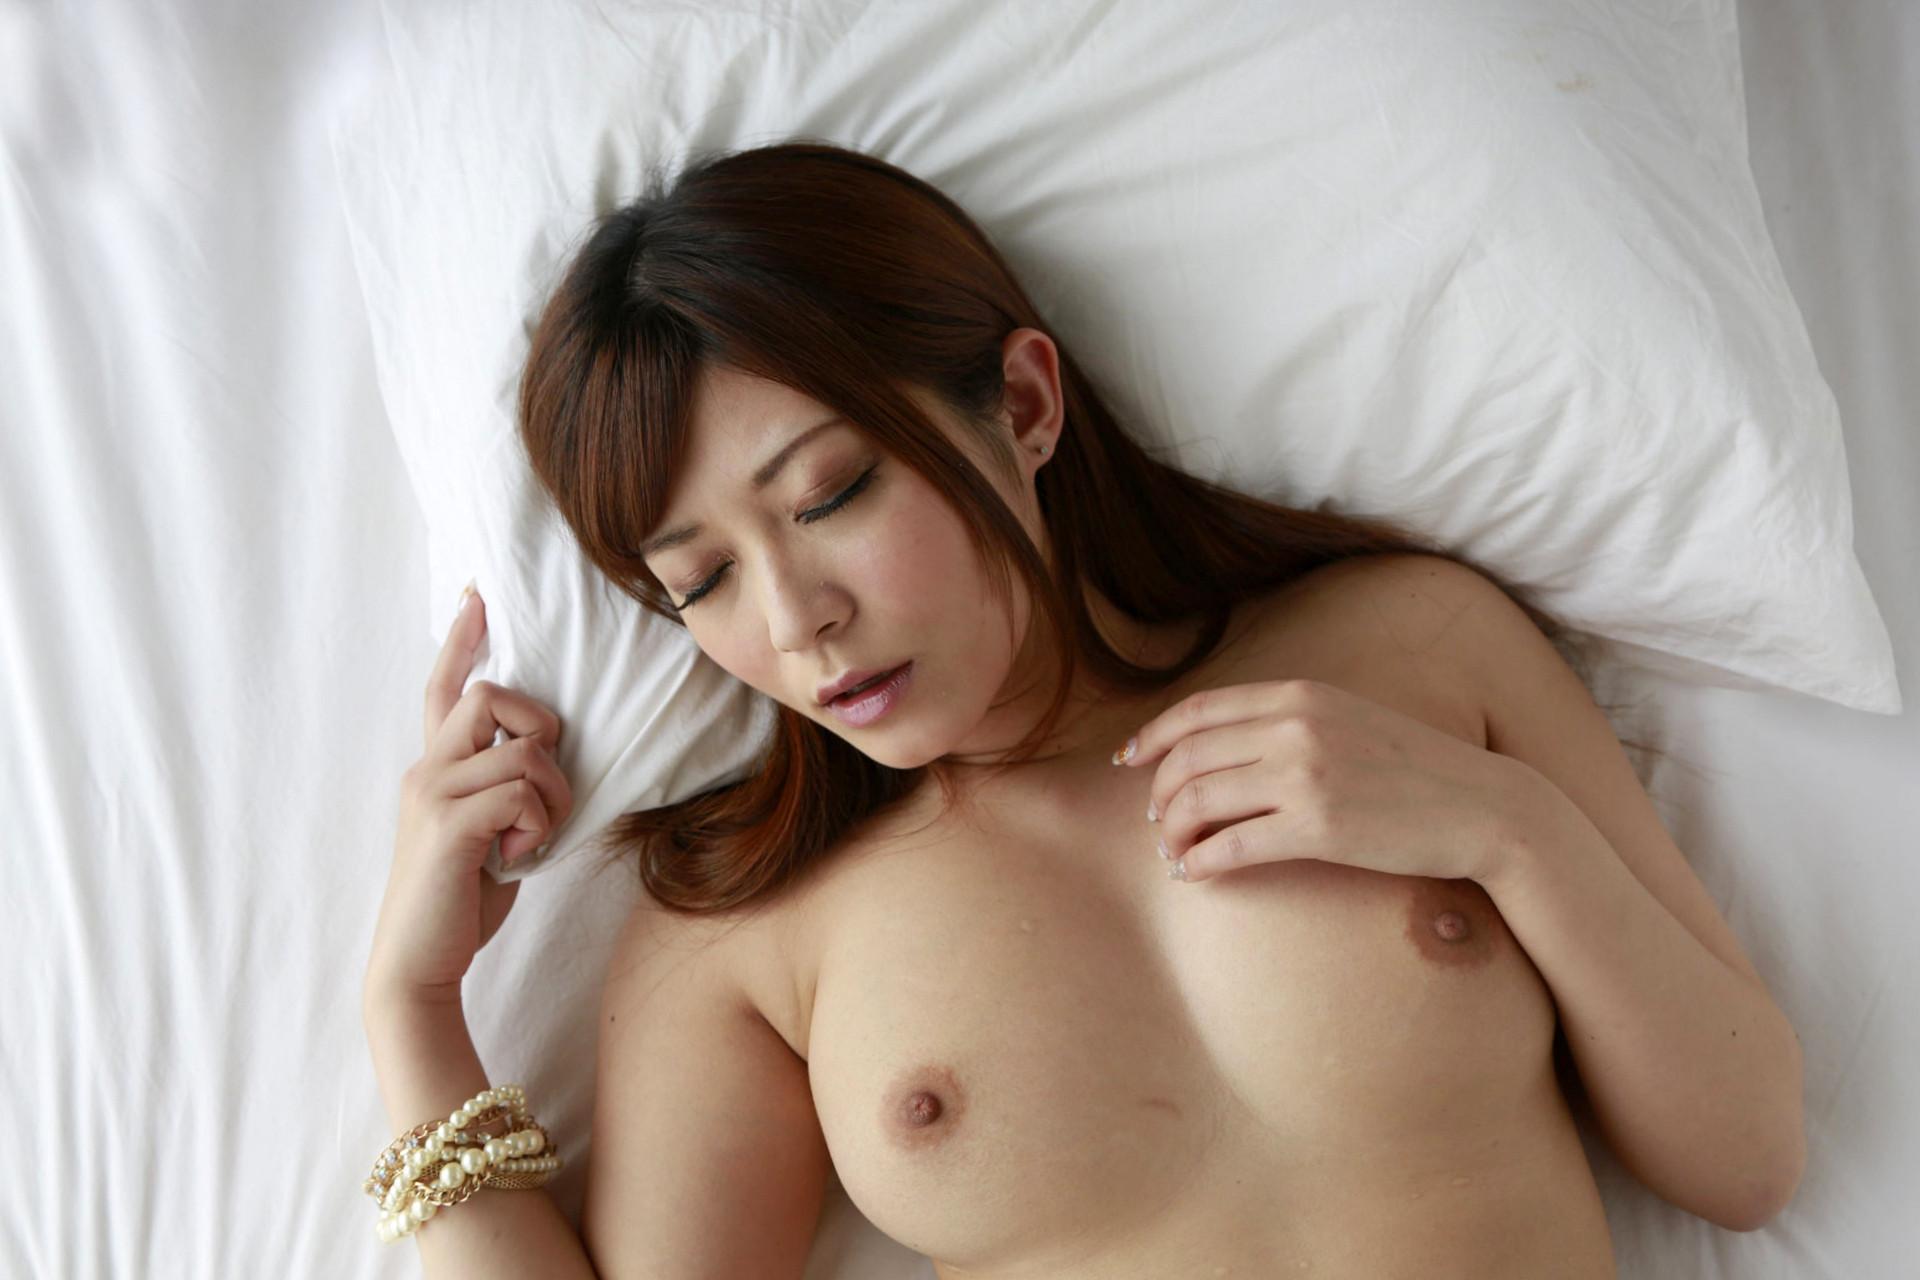 さとう遥希(さとうはるき) 画像 24